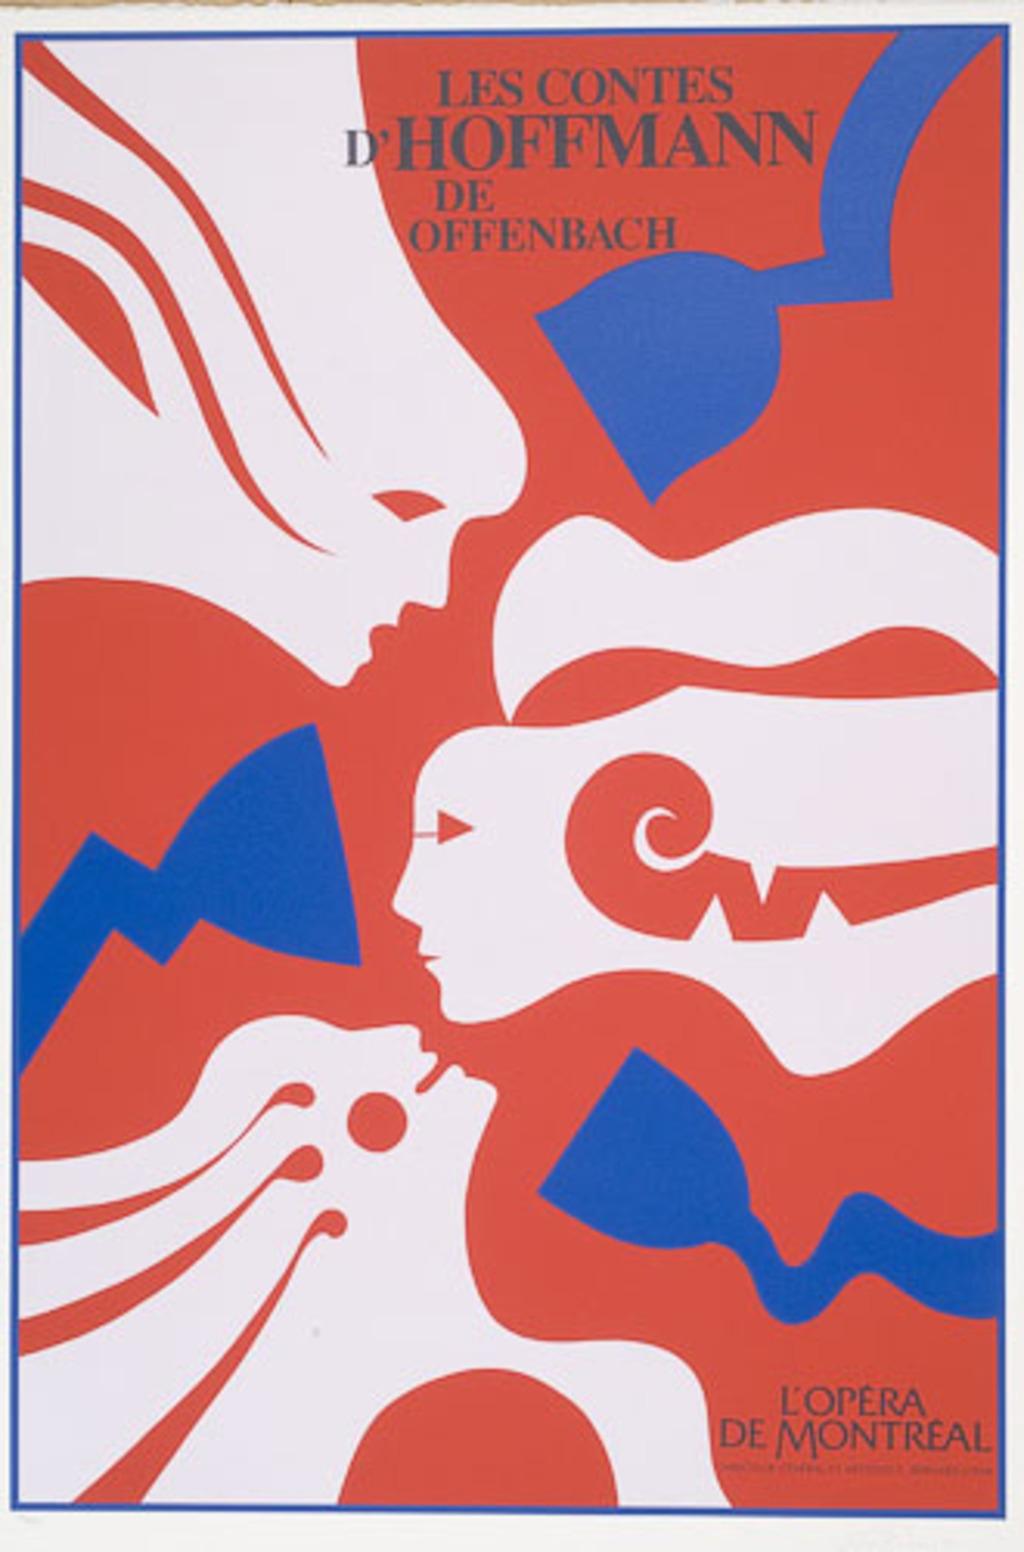 Affiche «Les Contes d'Hoffman de Jacques Offenbach», de l'album L'Opéra par Vittorio